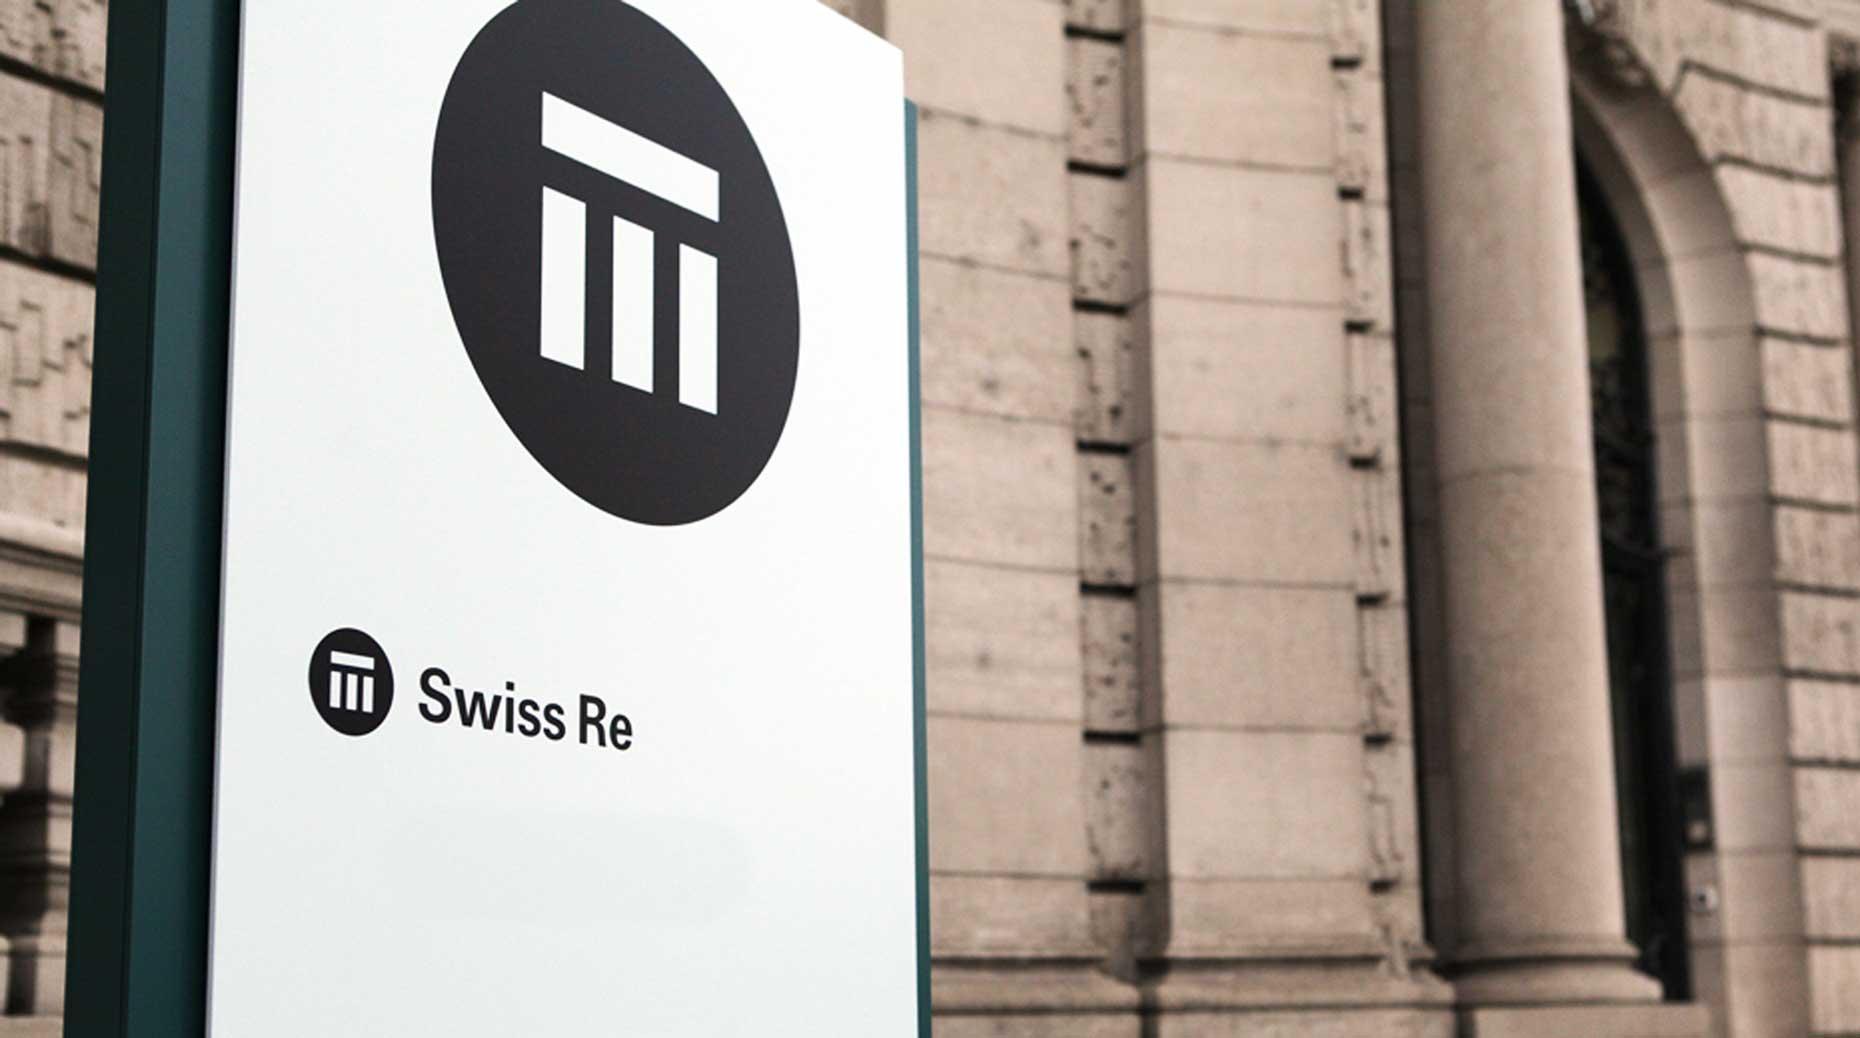 Résultats S1 2021 :  Swiss Re renoue avec les bénéfices